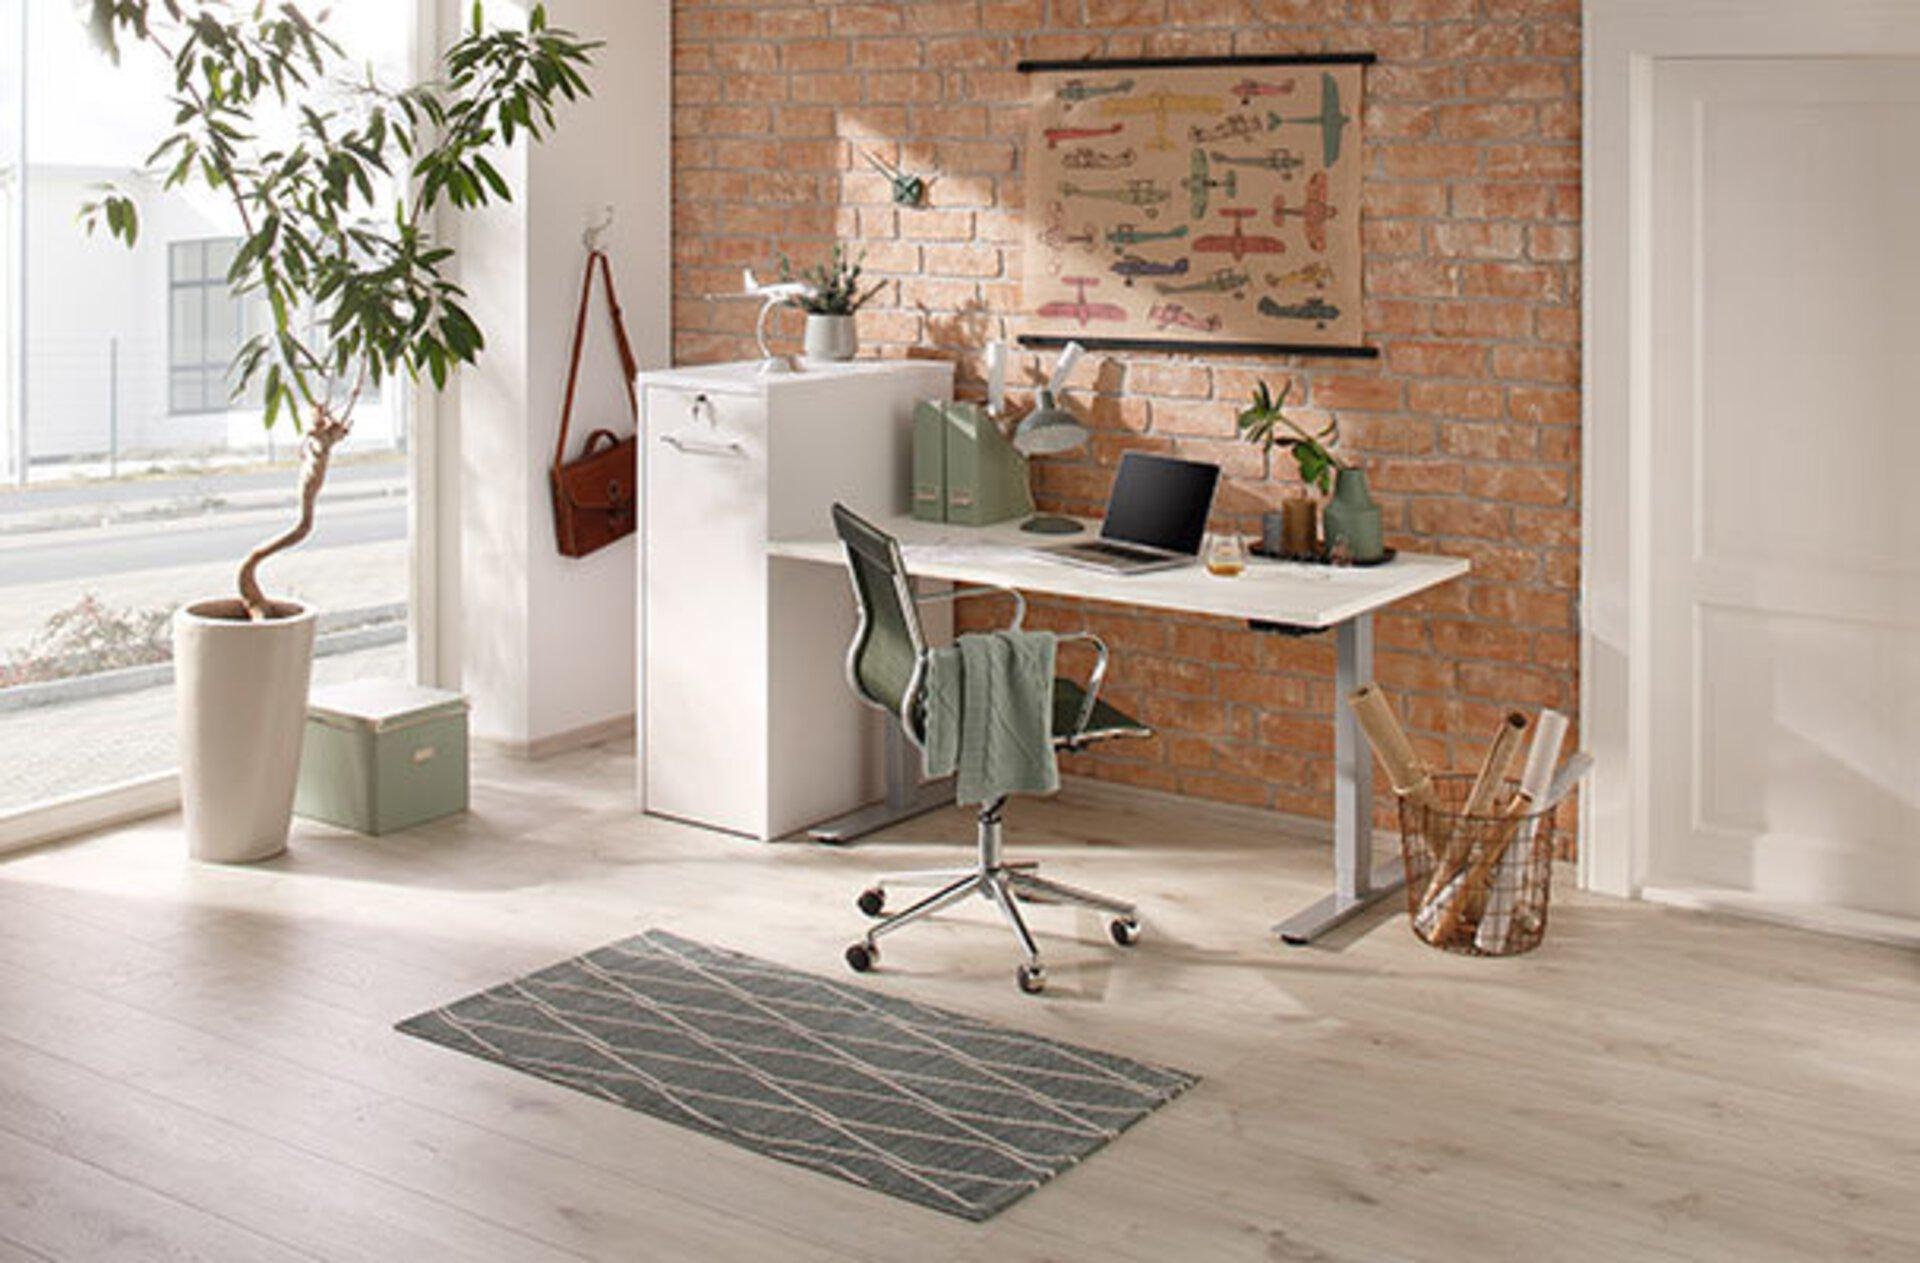 weißer höhenverstellbarer Schreibtisch an roter Backsteinwand. Davor ein schwarzer Drehstuhl mit Stoffbezug. Link steht ein Ficus Benjamini vor einer zimmerhohen Fensterfront.